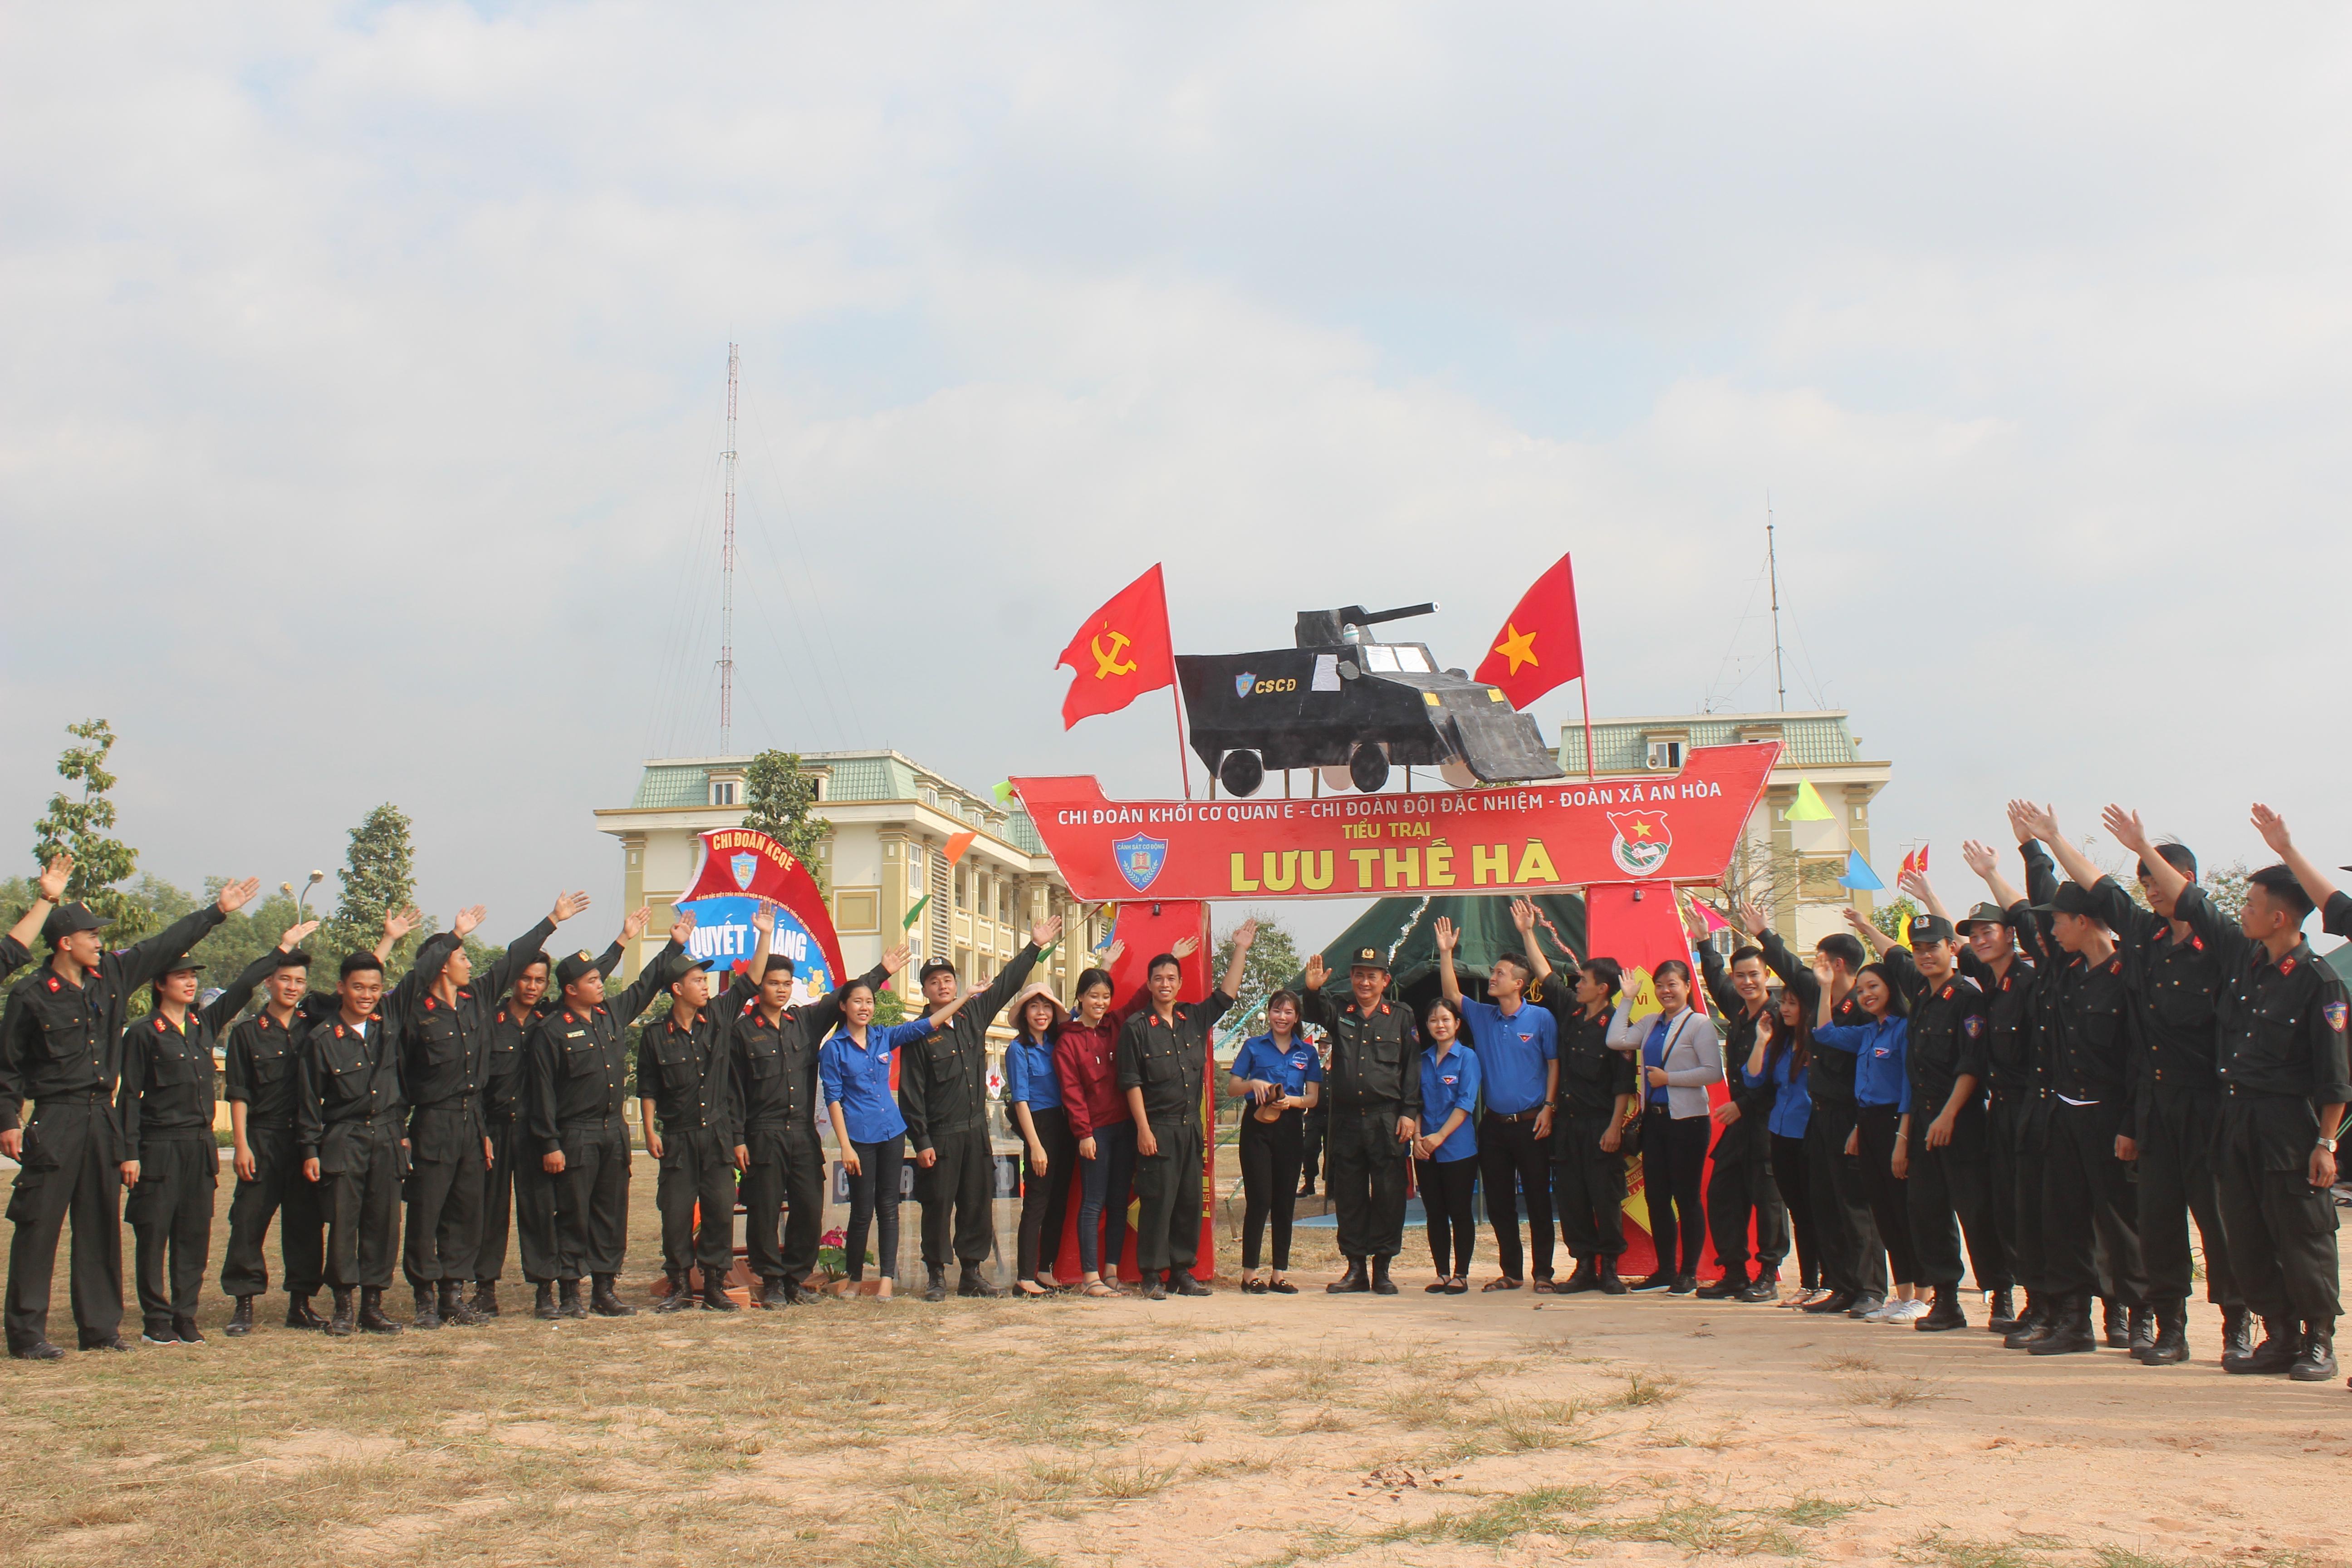 Trung đoàn Cảnh sát cơ động Đông Nam Bộ tổ chức hội trại mừng Đảng, mừng Xuân